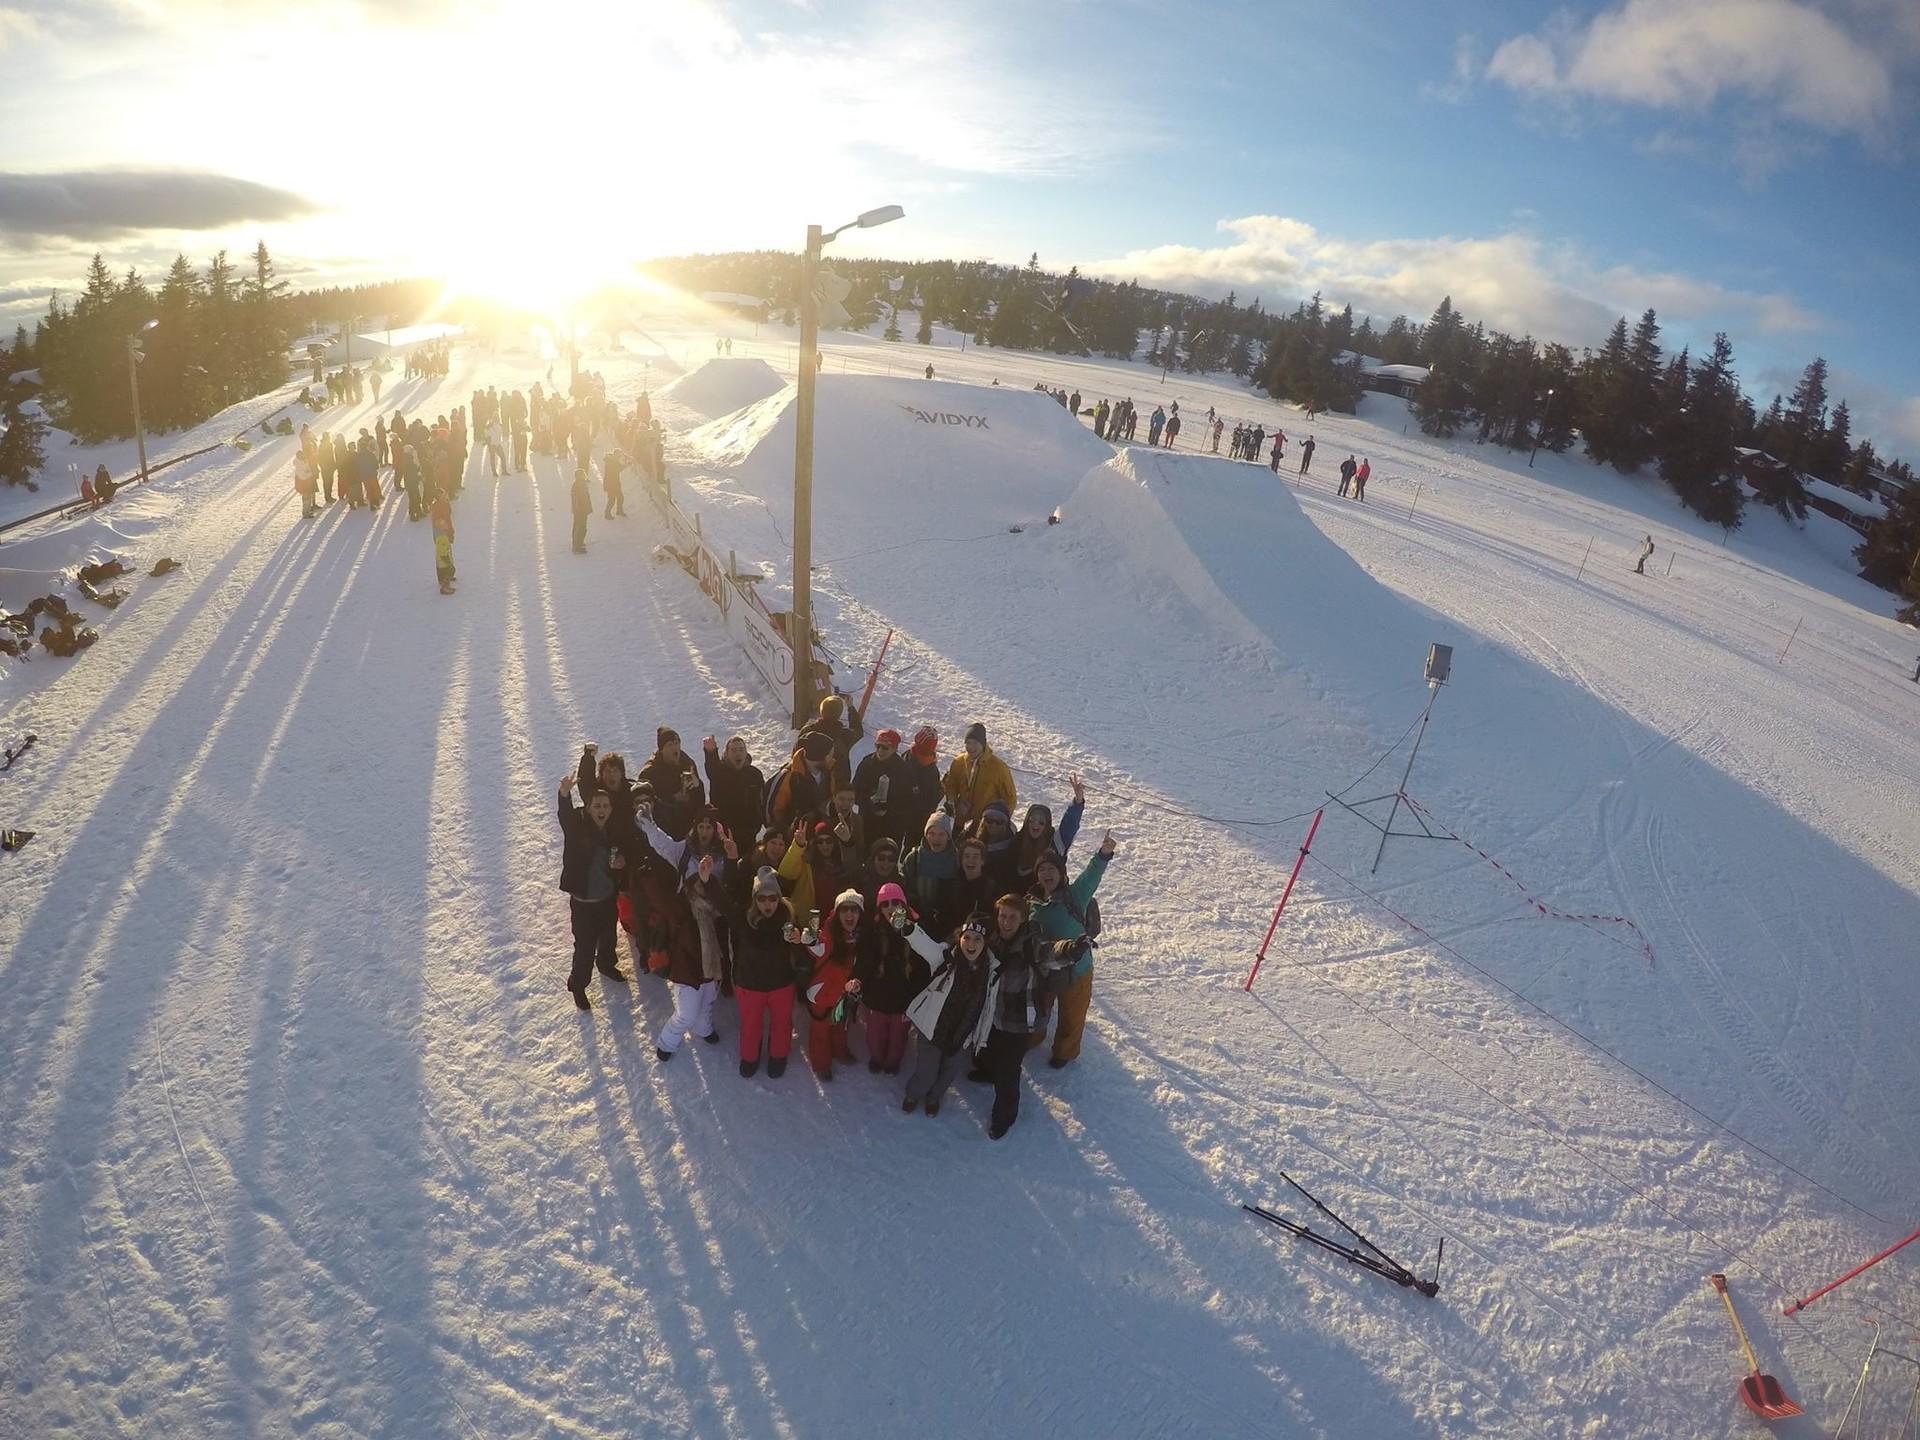 sjusjoen-winter-challenge-6b5063b6d28892